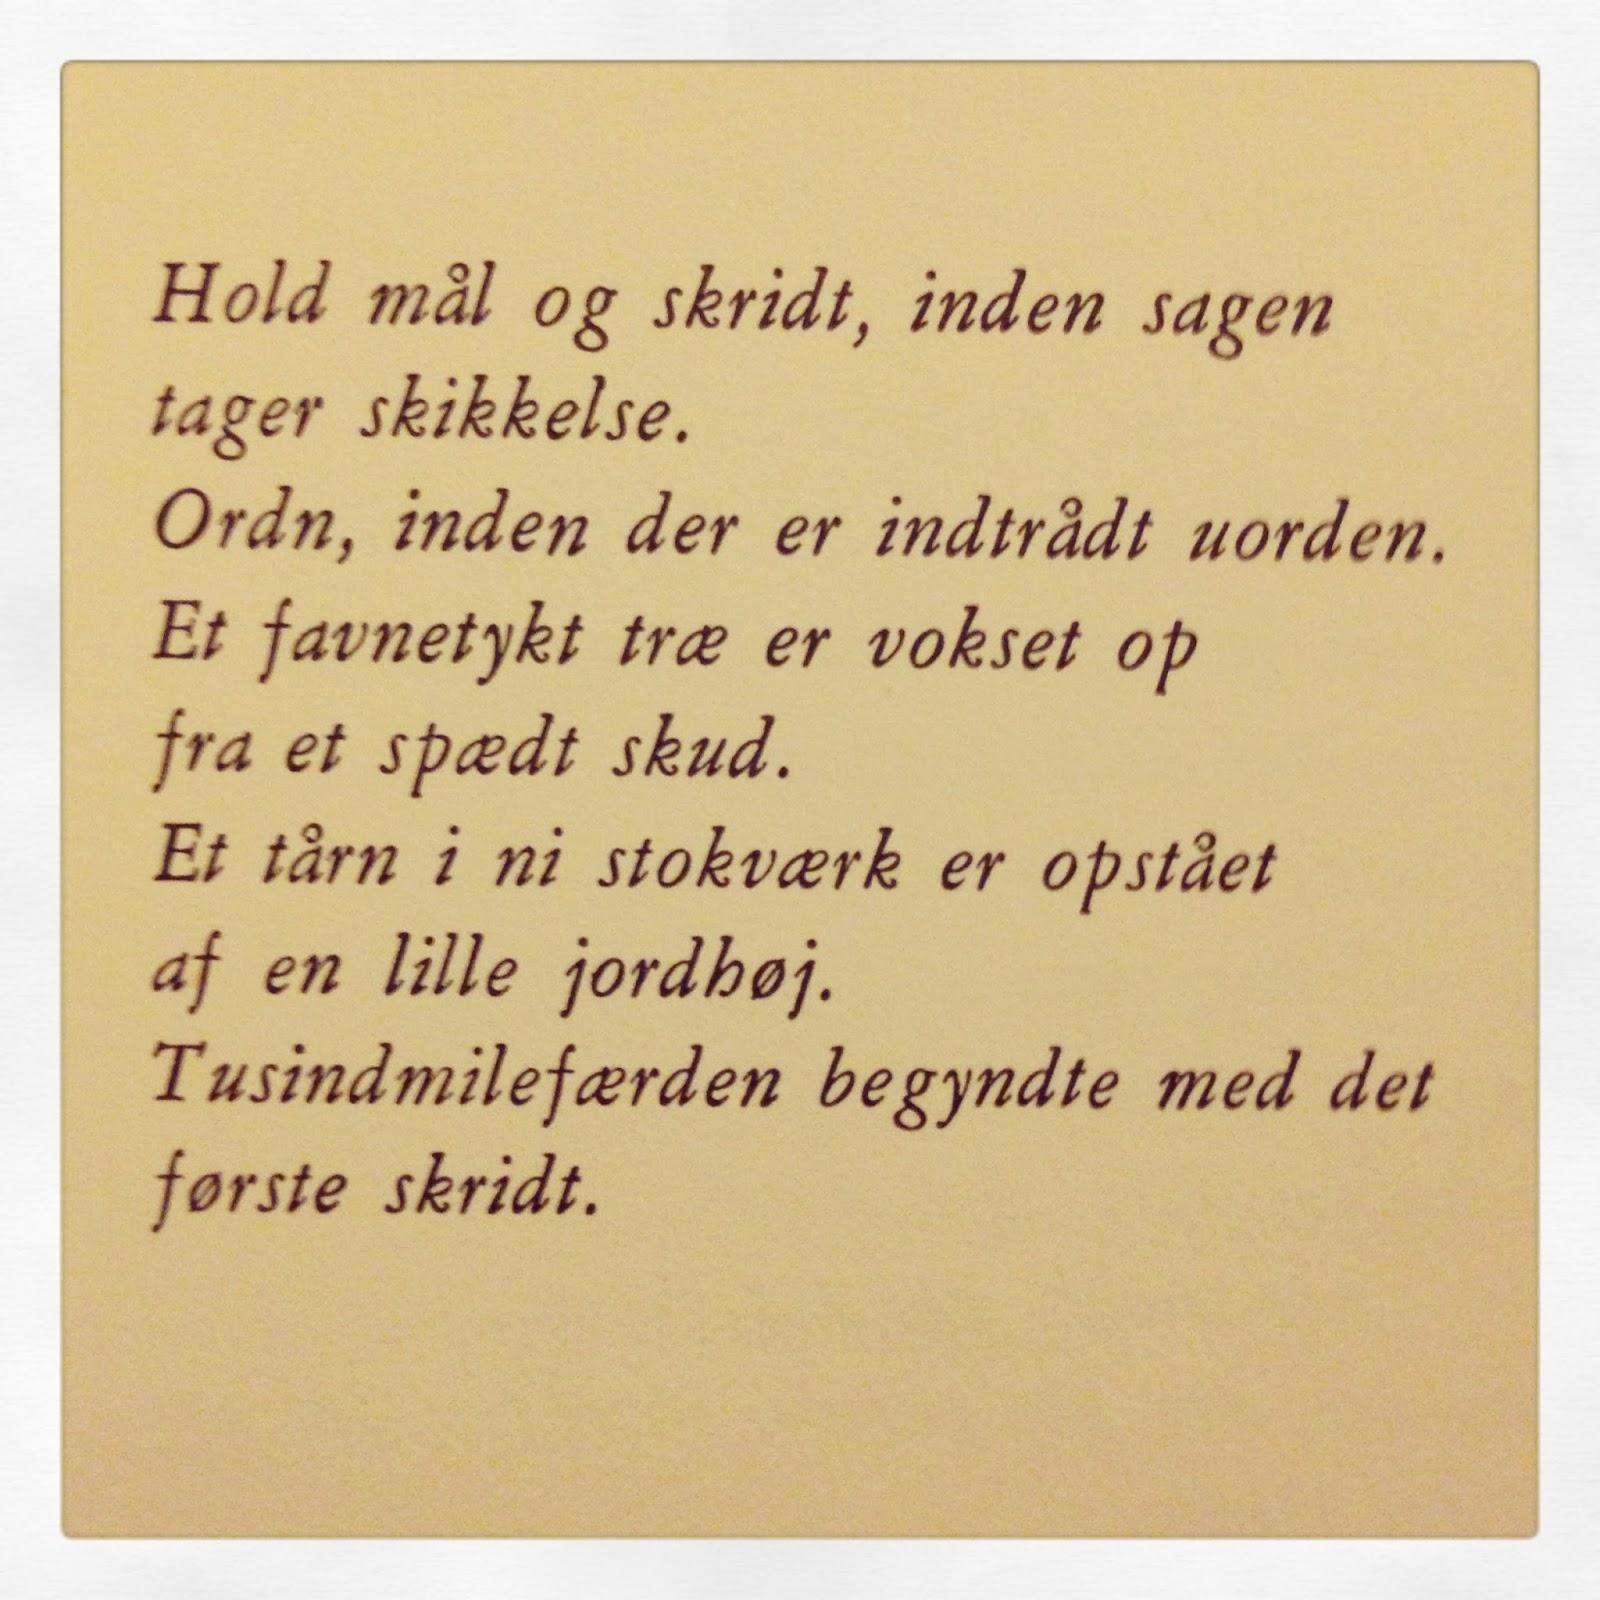 veninde citater på dansk